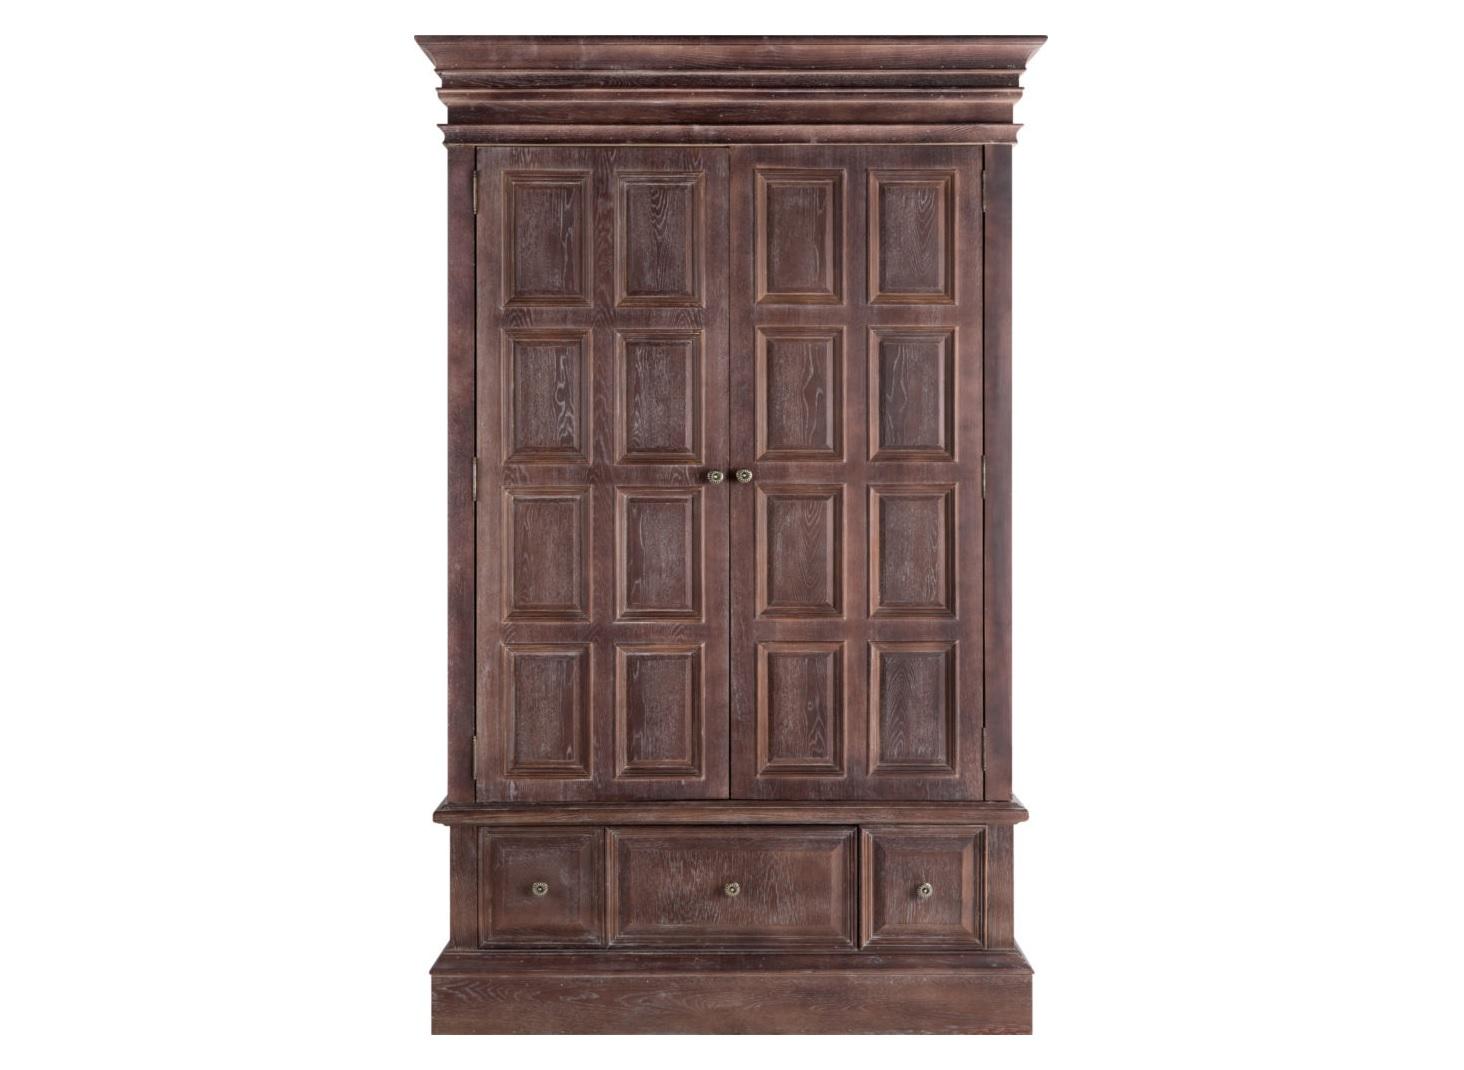 Шкаф кабинетныйКнижные шкафы и библиотеки<br><br><br>Material: Дерево<br>Ширина см: 135<br>Высота см: 220<br>Глубина см: 62